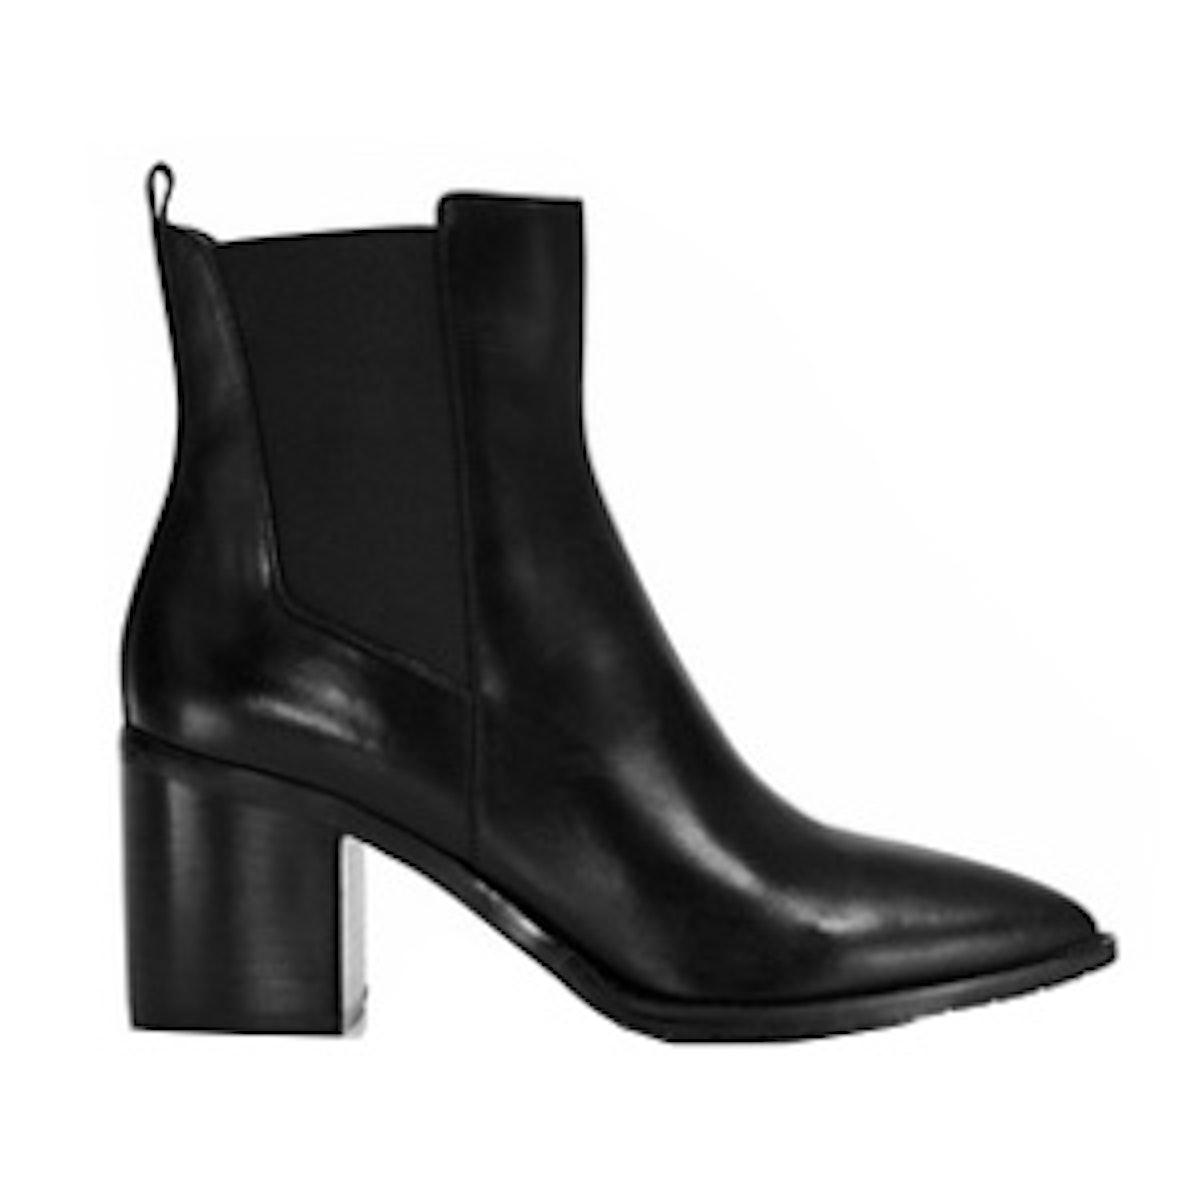 Quinley Pointed Toe Block Heel Booties